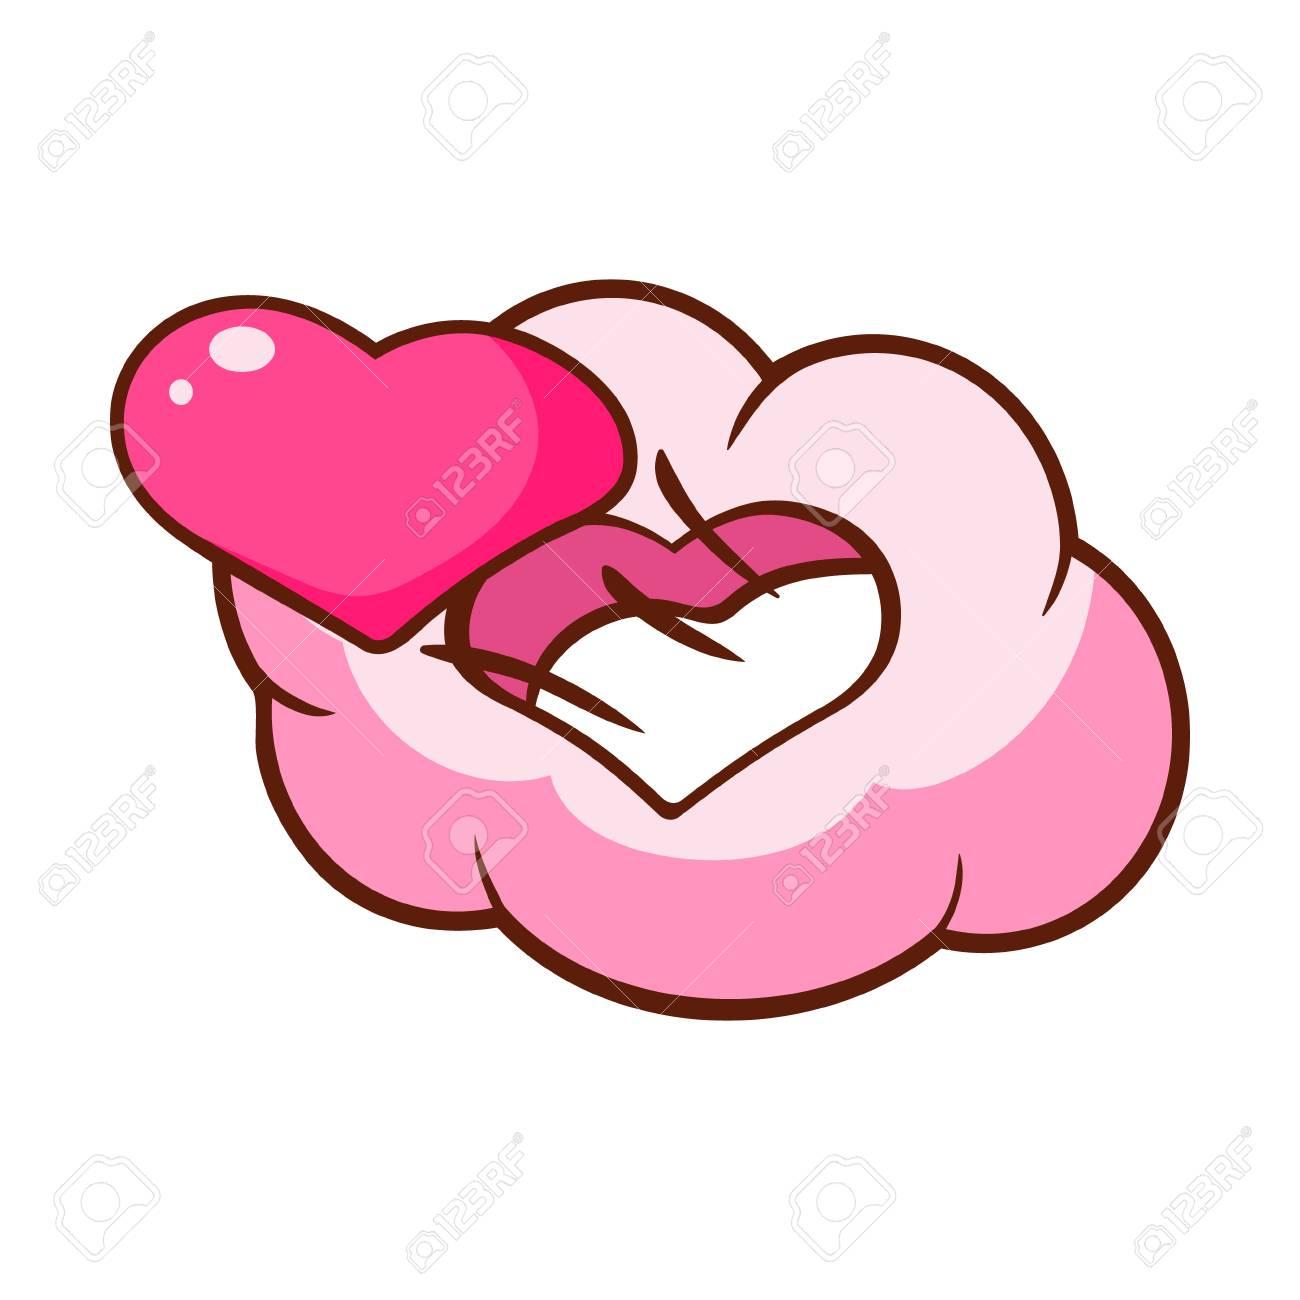 Coeur Rose Et Nuage En Forme De Coeur Illustration De Dessin Anime